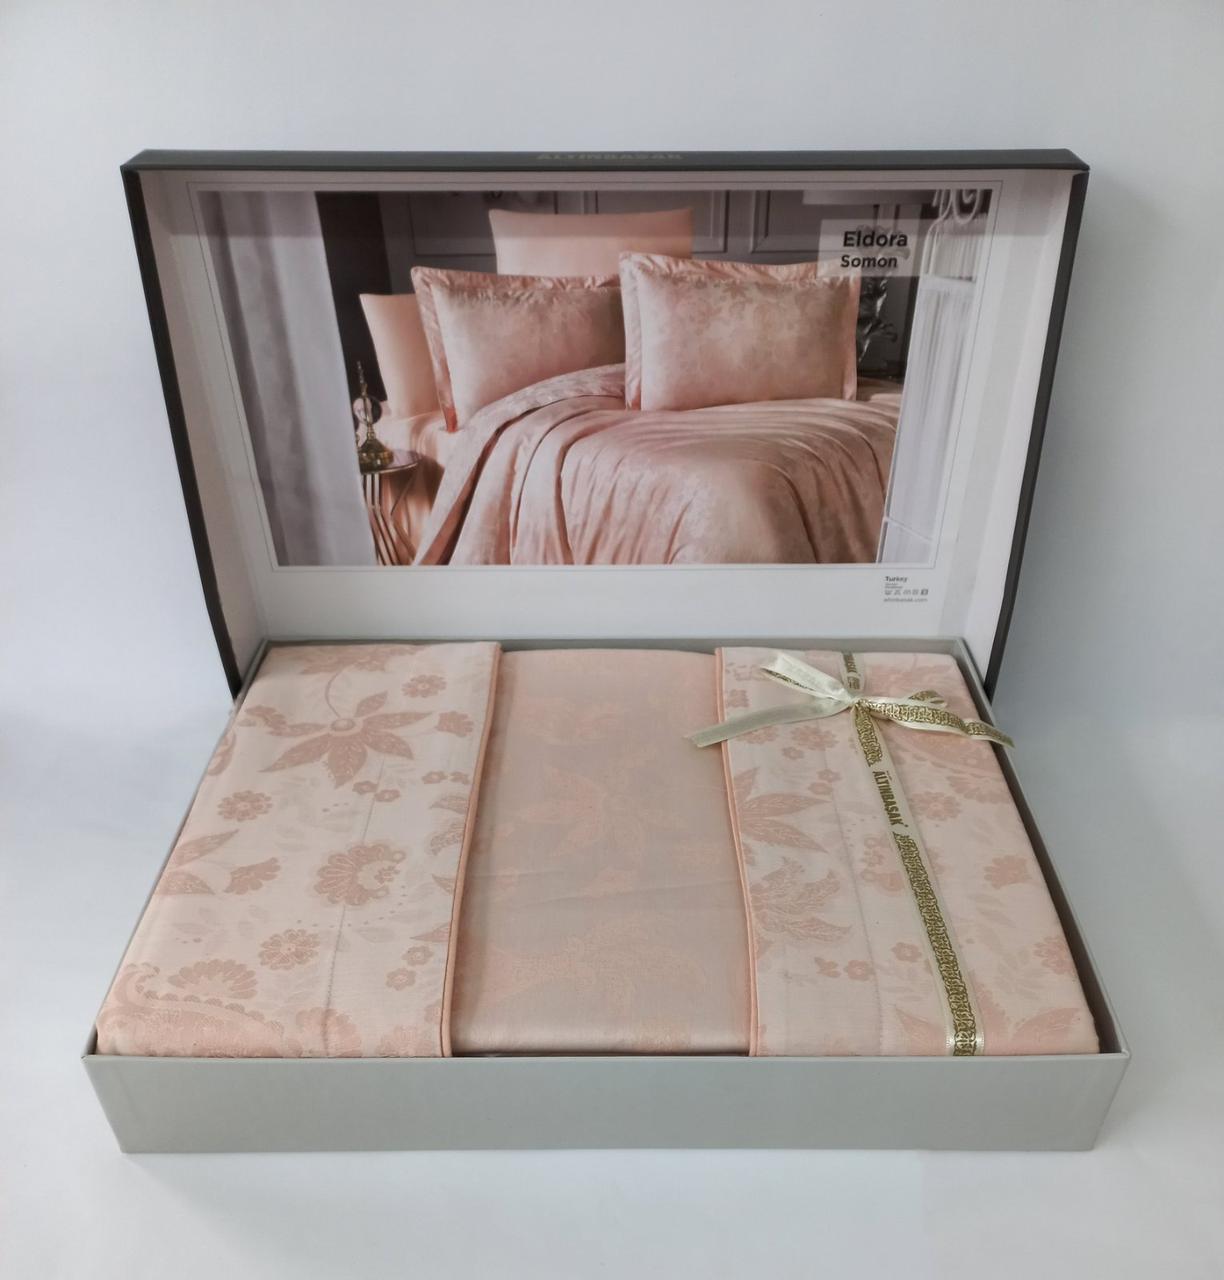 Постельное белье Altinbasak сатин жакард 200x220 Eldora Somon